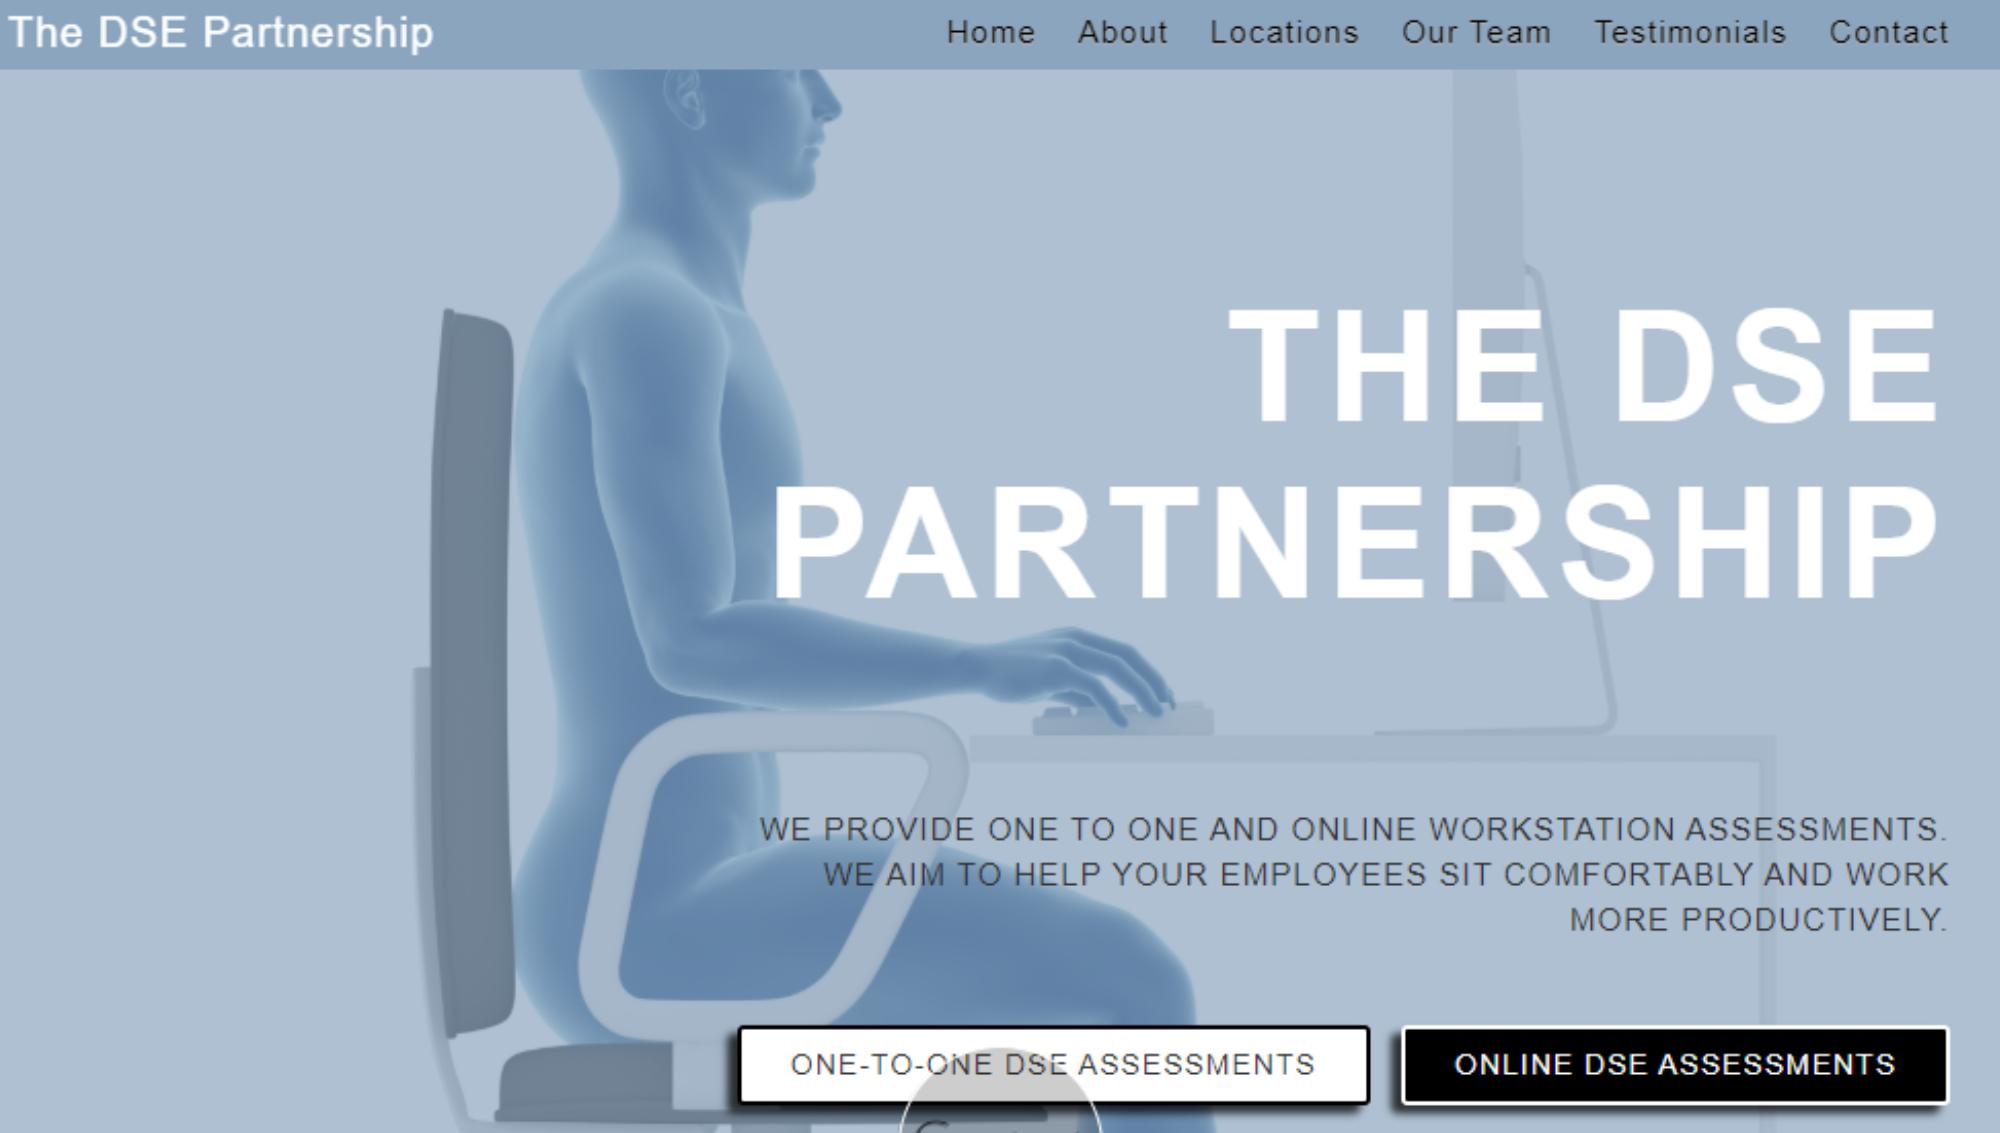 thedsepartnership.co.uk